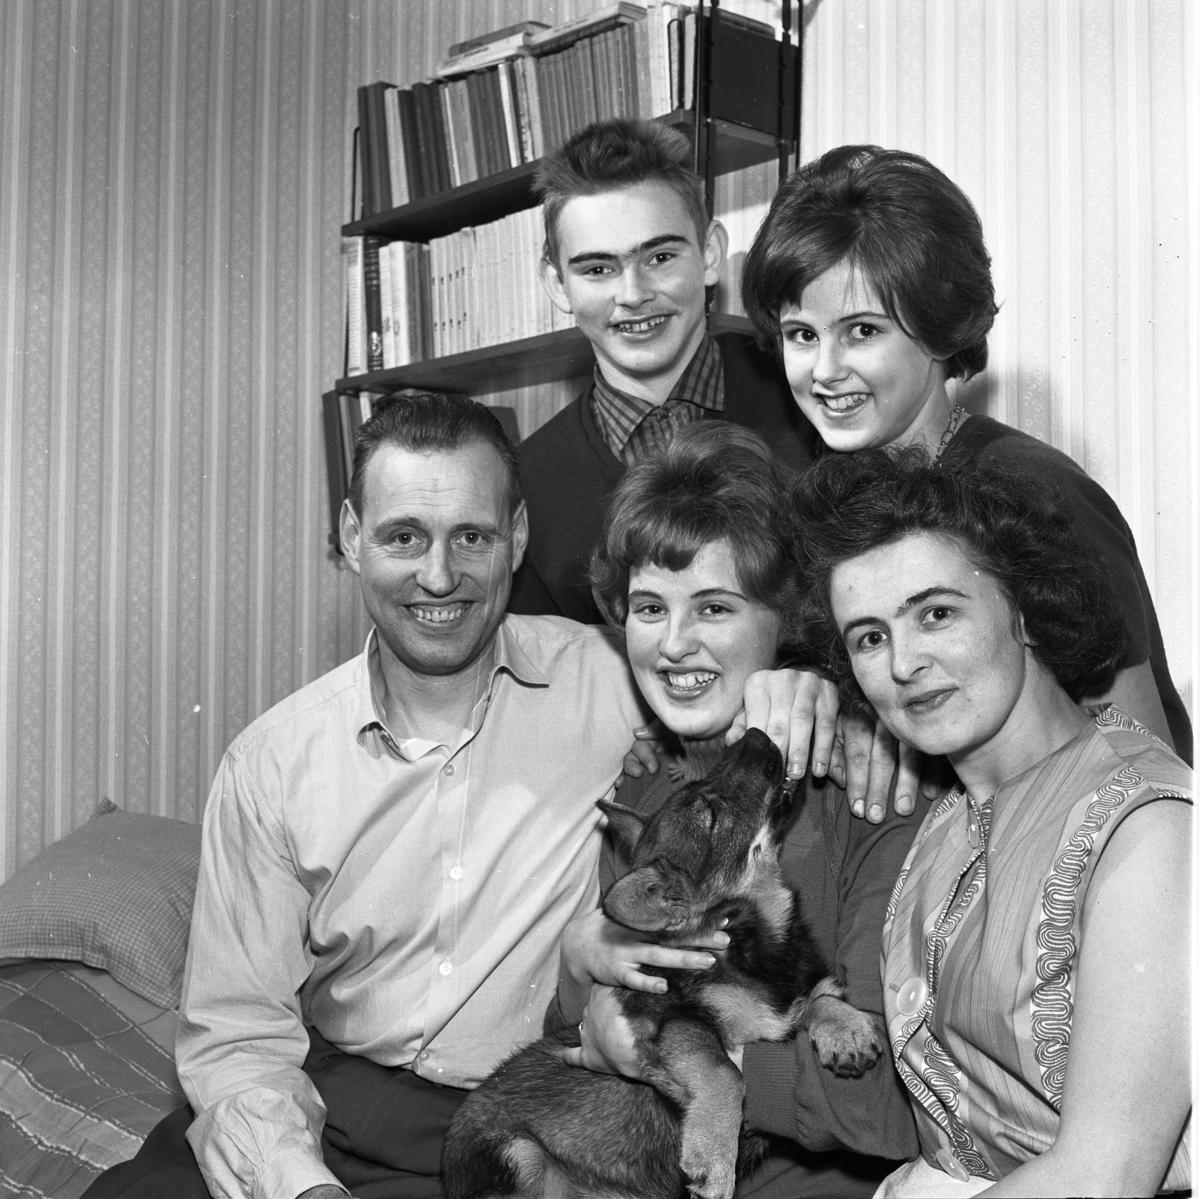 Här ses 1962 års Lucia, Britt-Marie Gustavsson, tillsammans med sin familj; Pappa Max, mamma Britta, bror Tore och syster Maj-Britt. Britt-Marie har en hund i sitt knä. Bakom familjen syns en bokhylla full av böcker.